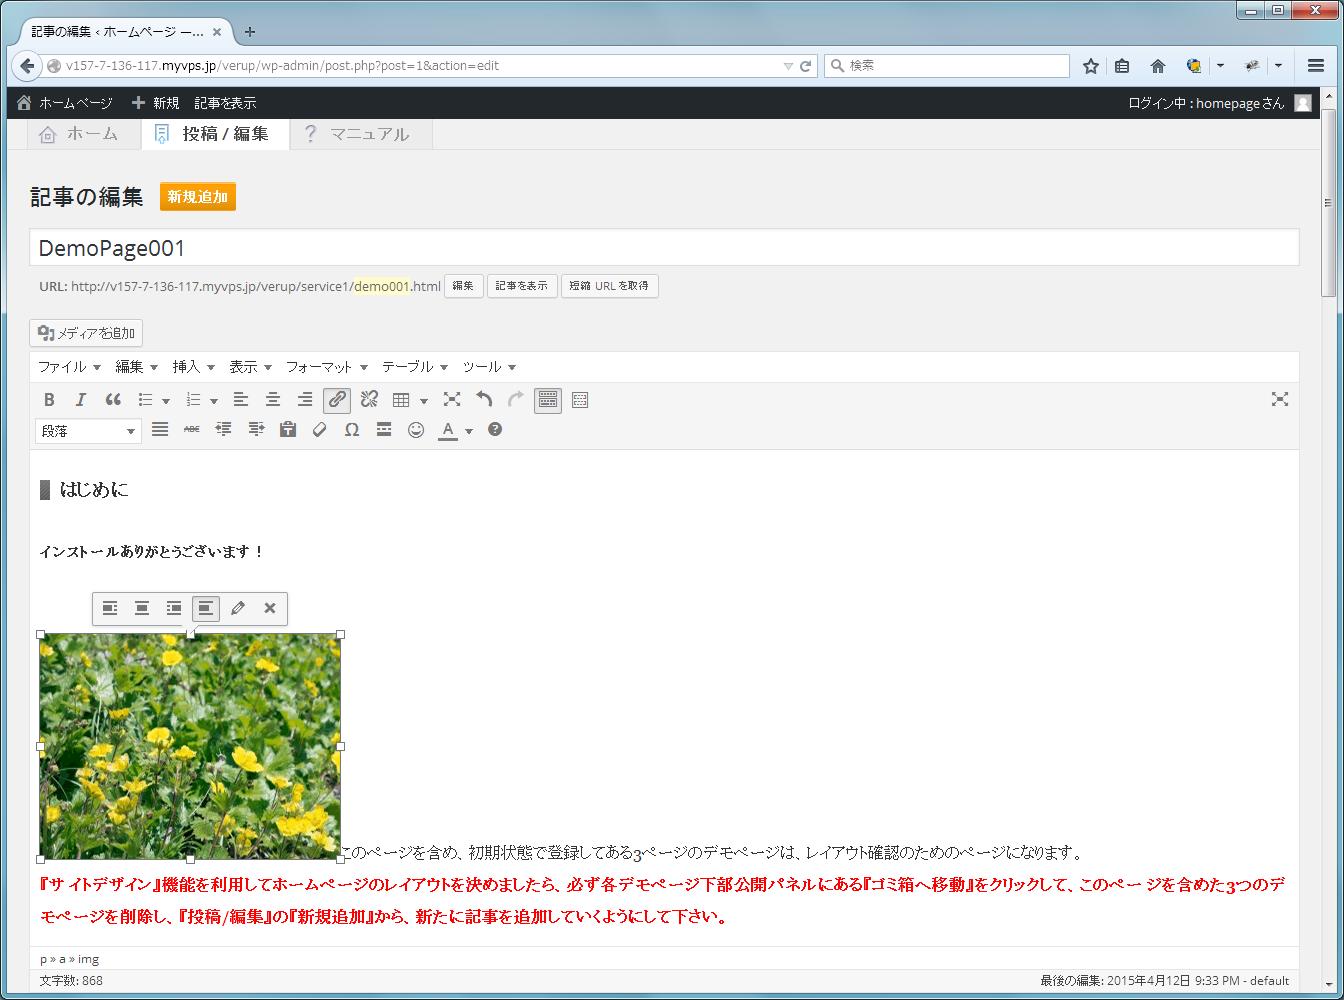 記事 追加画像の修正 | 簡単格安ホームページ作成サイト - FunMaker